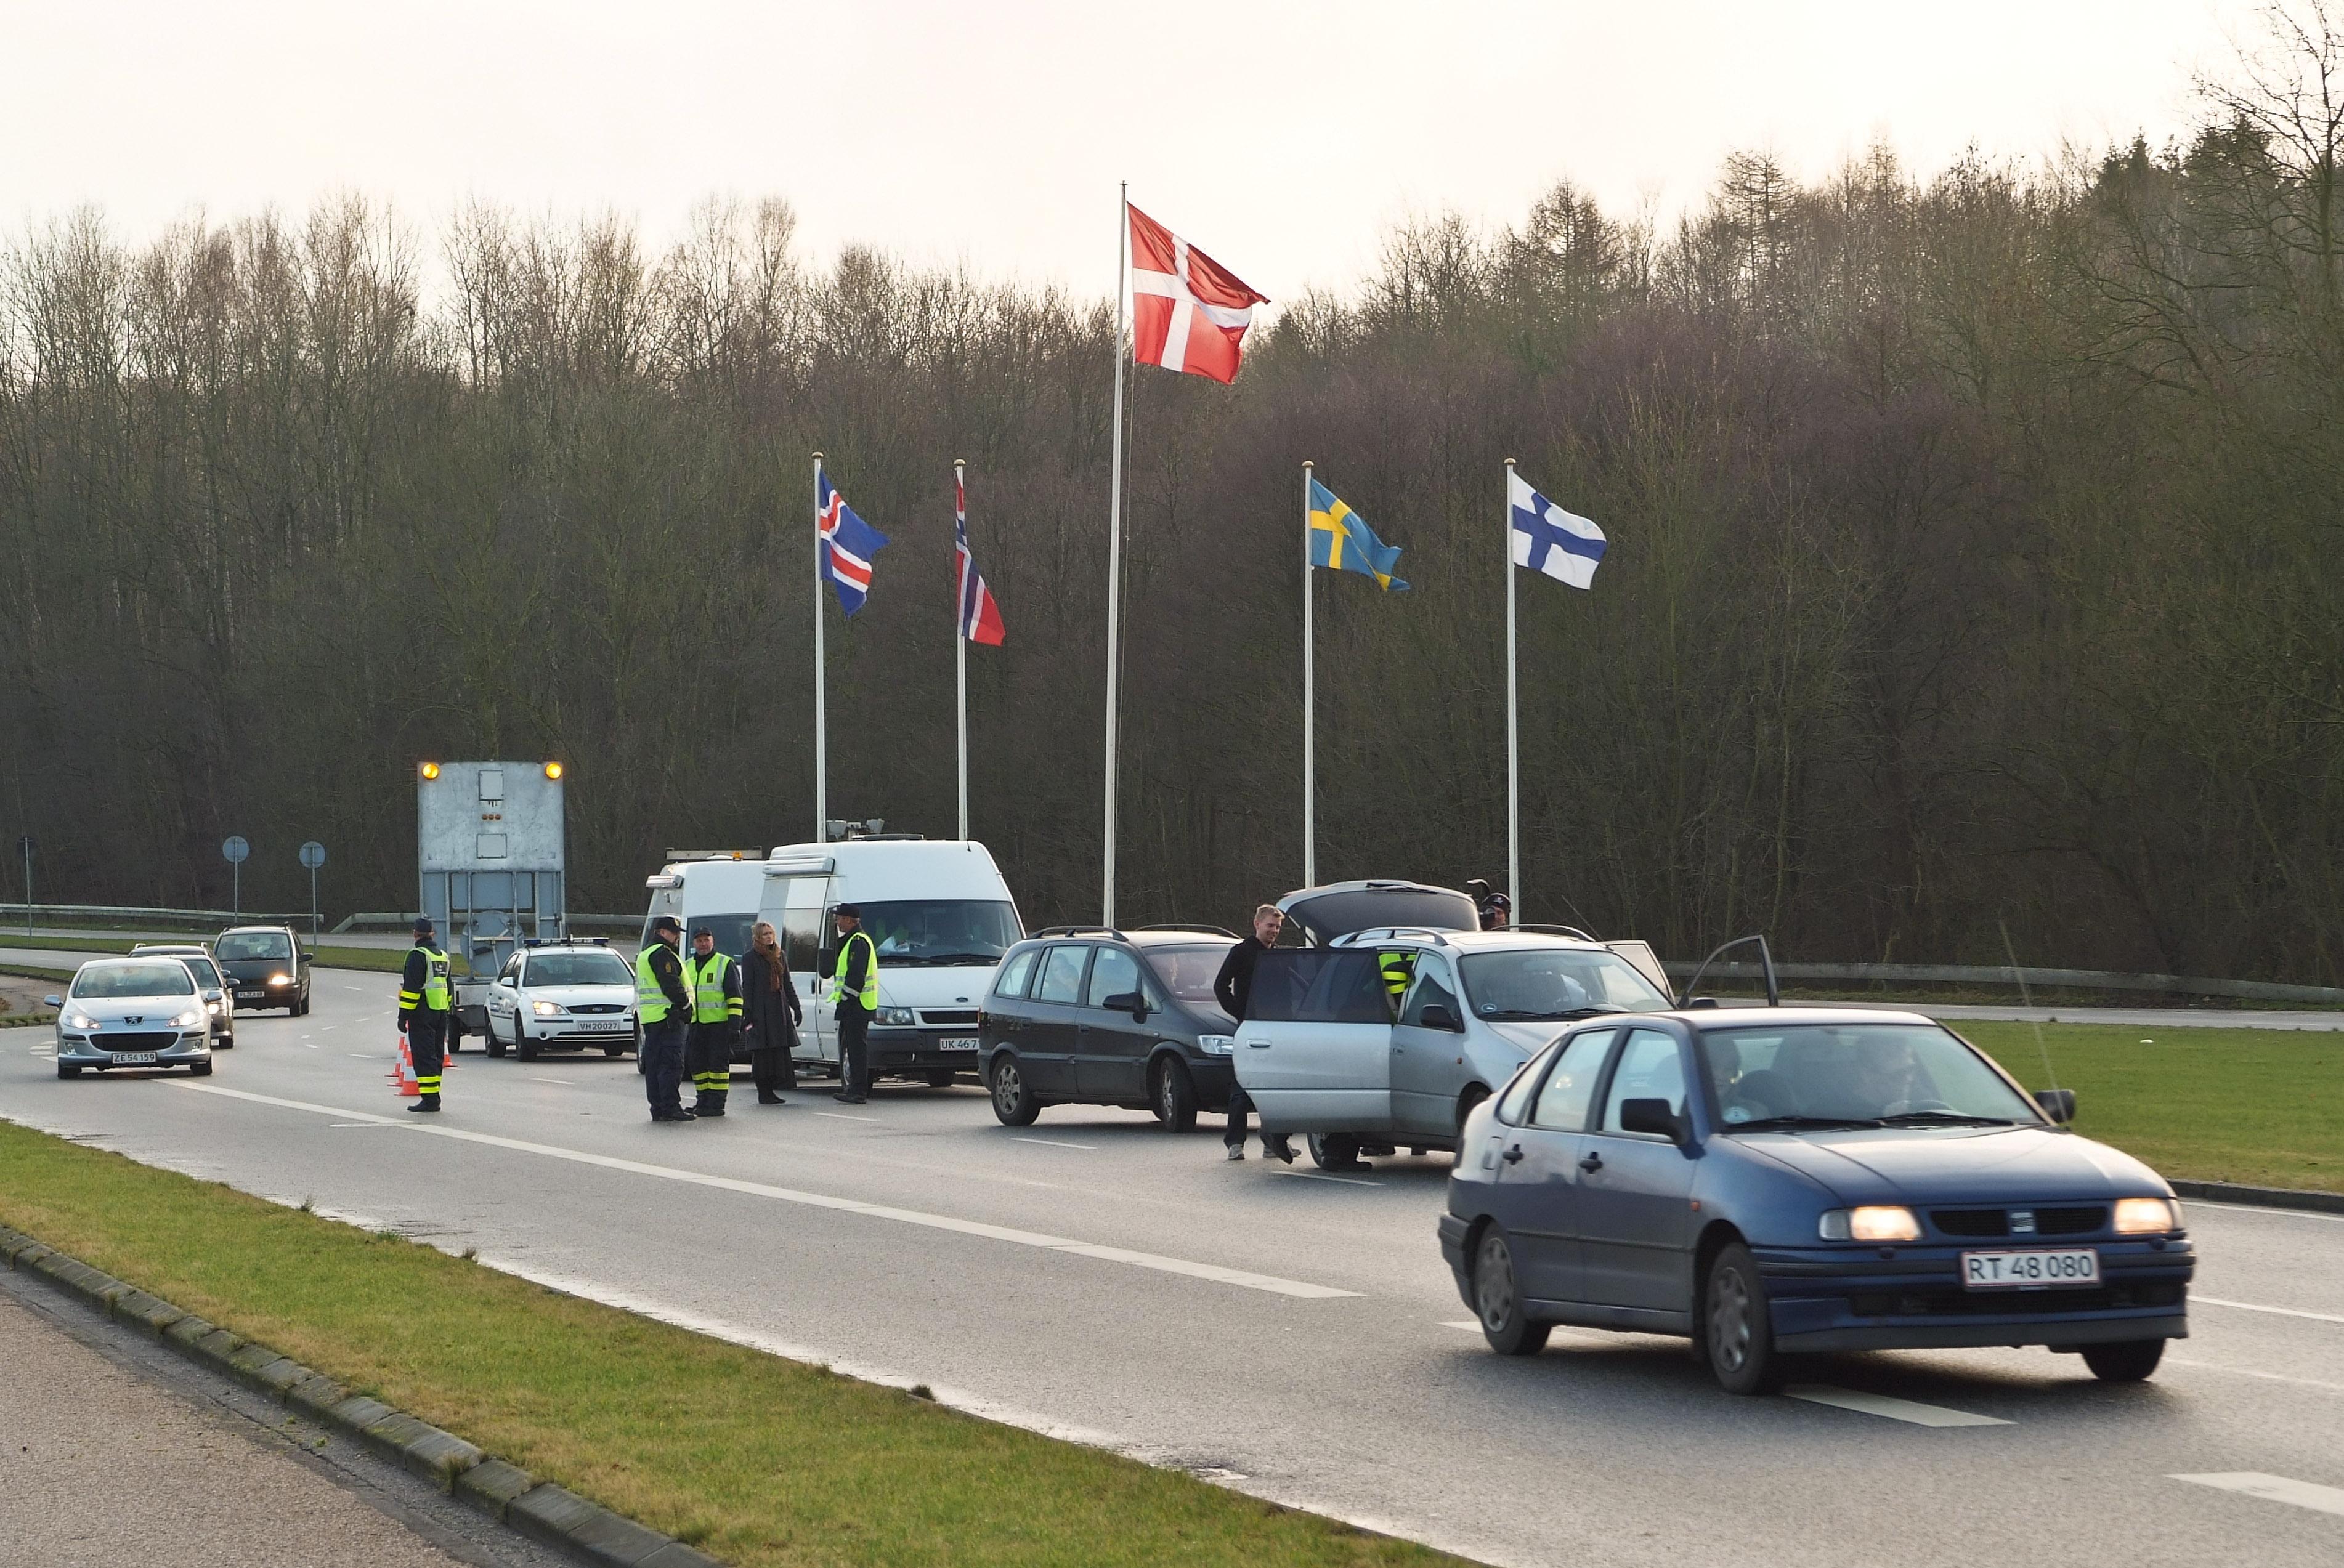 Wegen Flüchtlingskris und Terrorgefahr erwägt die EU Kontrollen im Schengen-Raum.